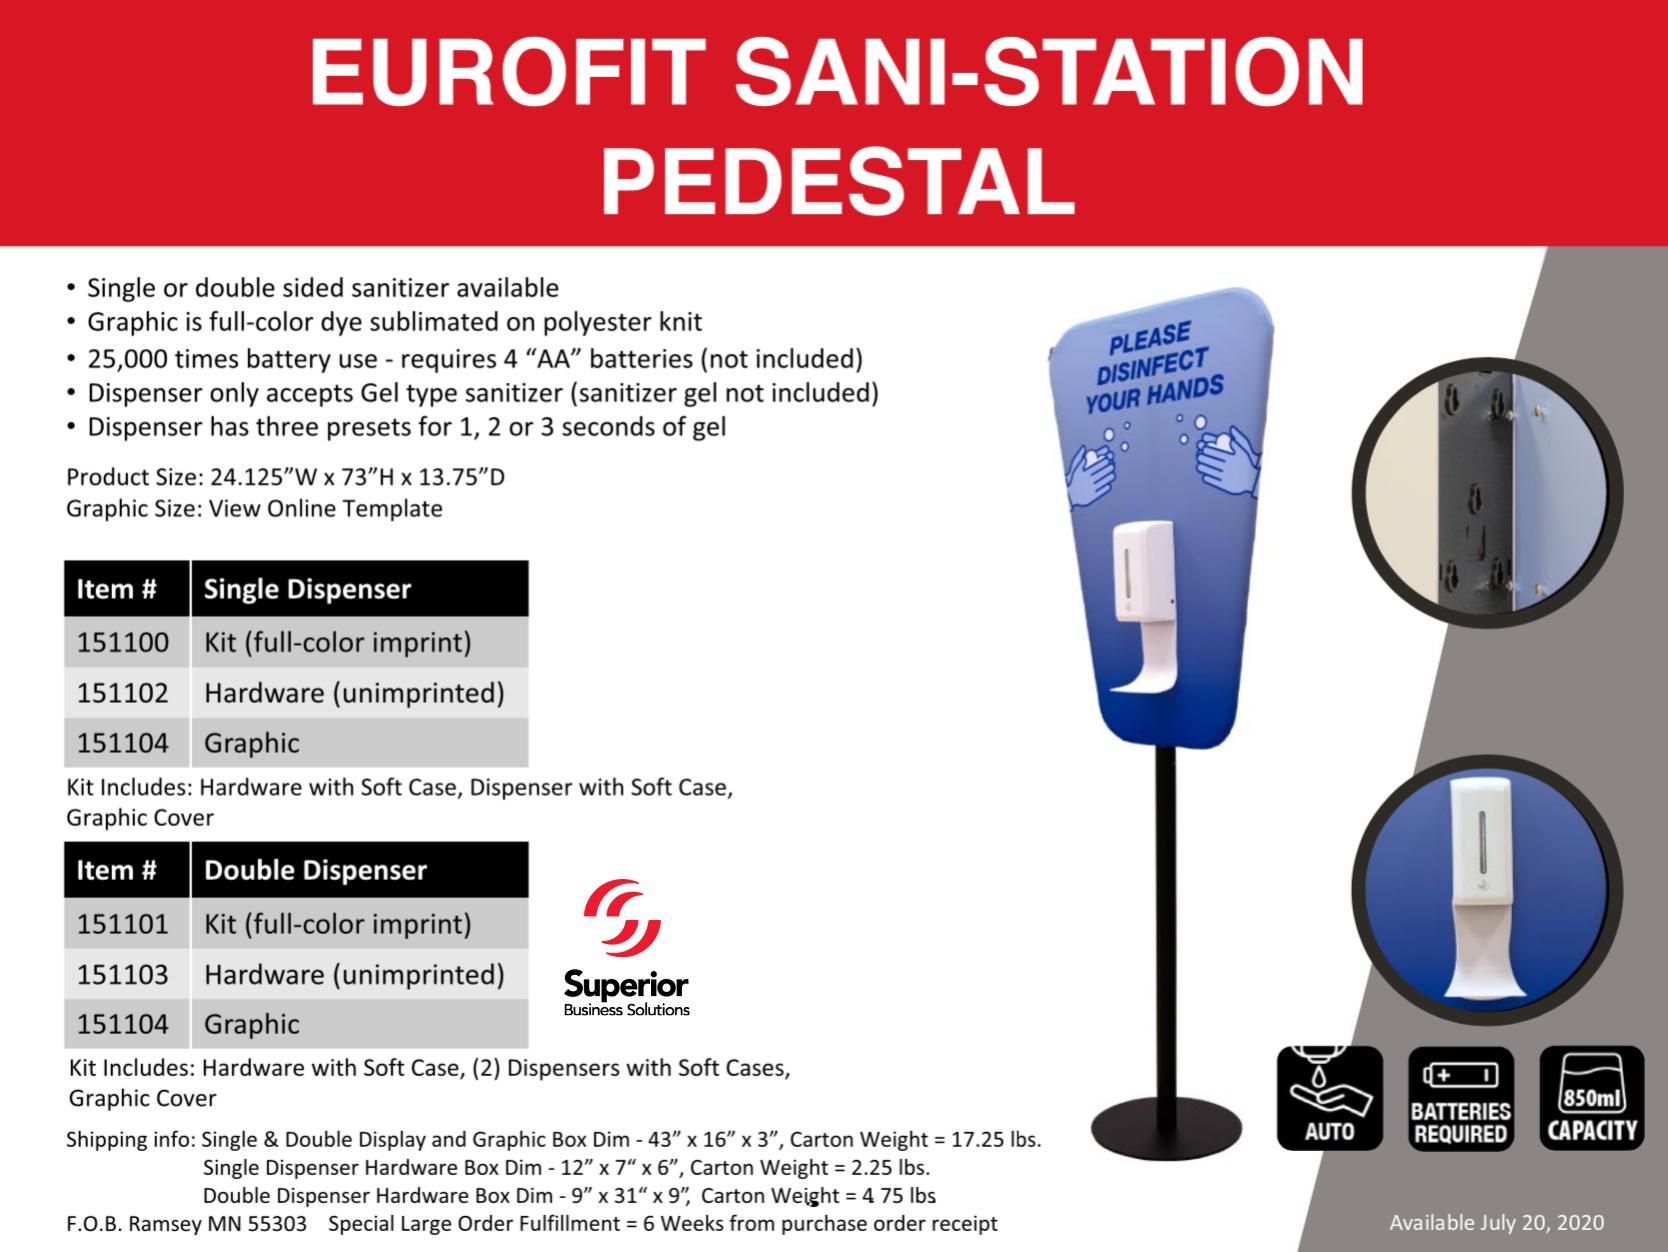 eurofit-sani-station-pedestal-for-gel-sanitizer-with-pre-sets